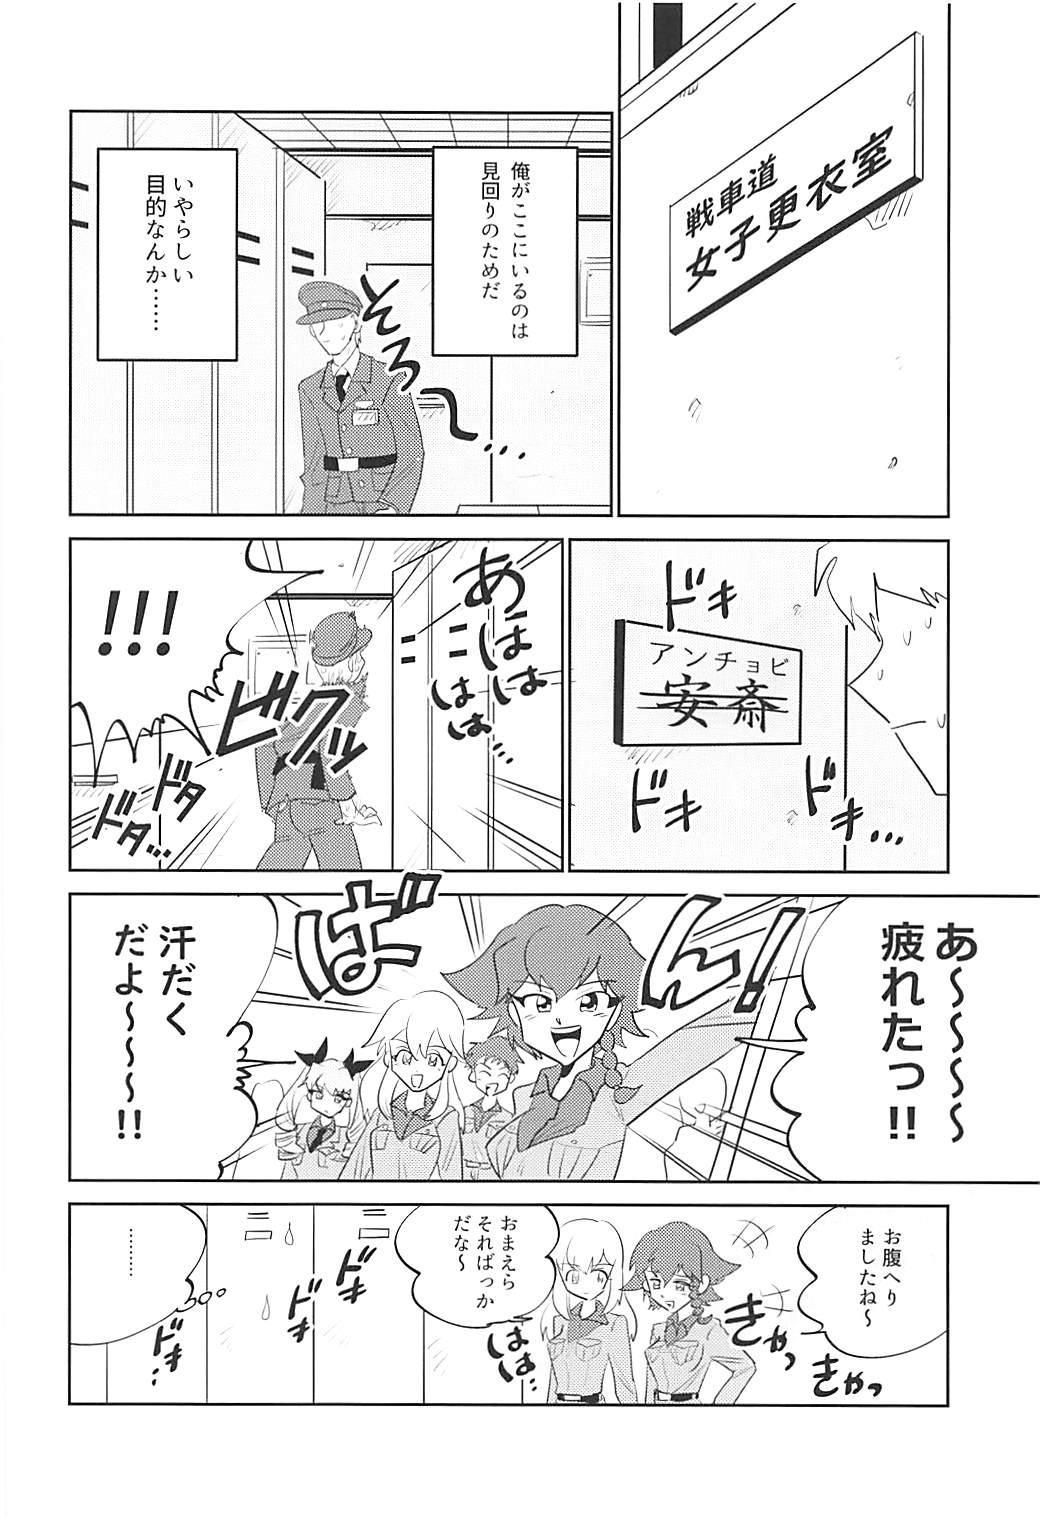 Koko ga Anzio no Kouishitsu desu 4